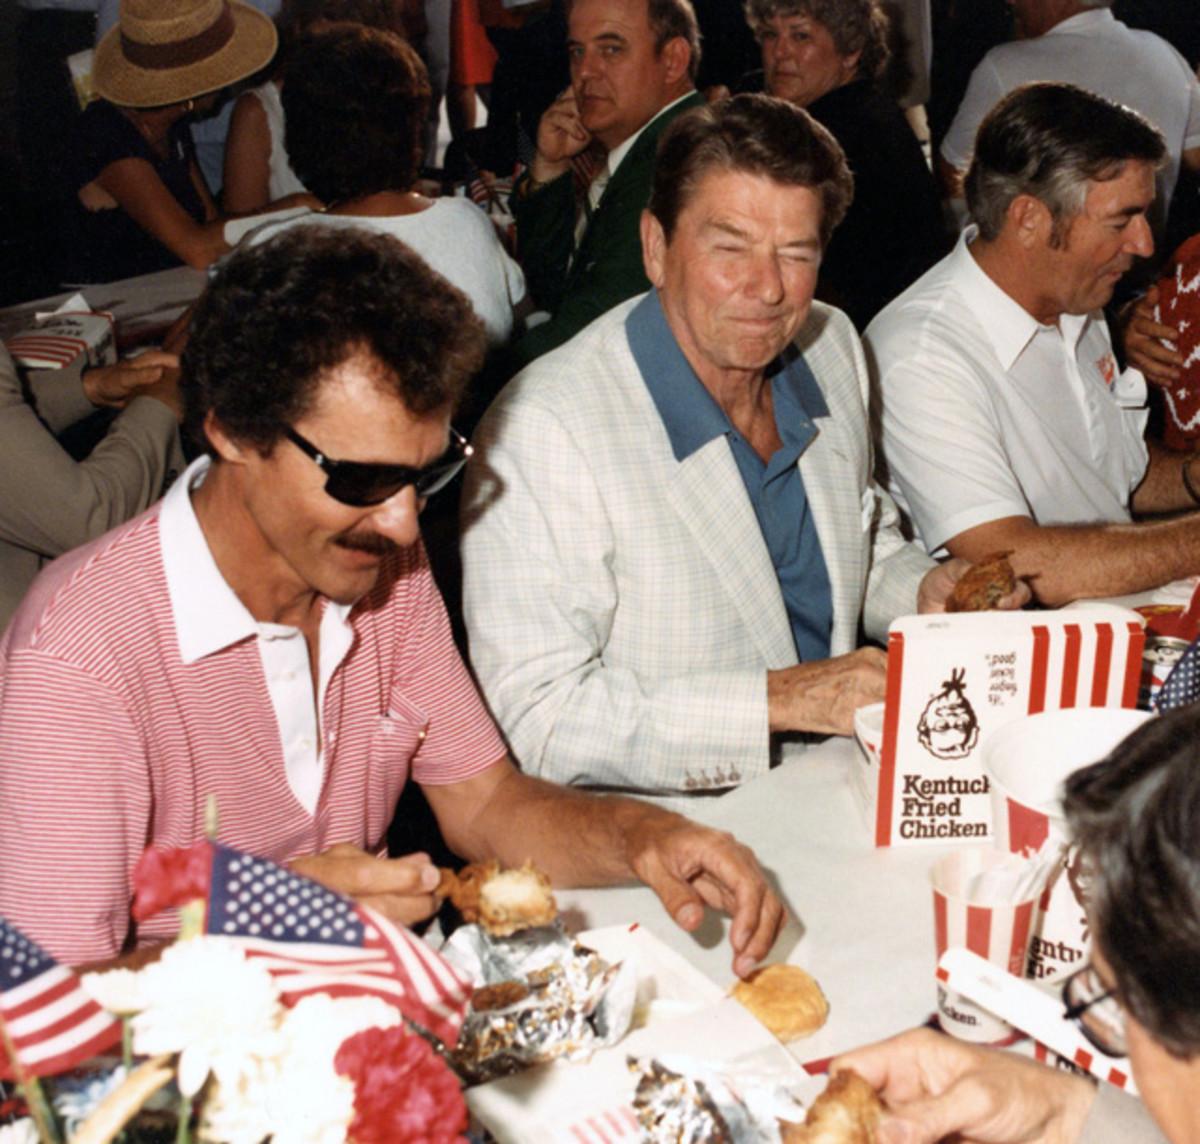 Ronald Reagan and Richard Petty